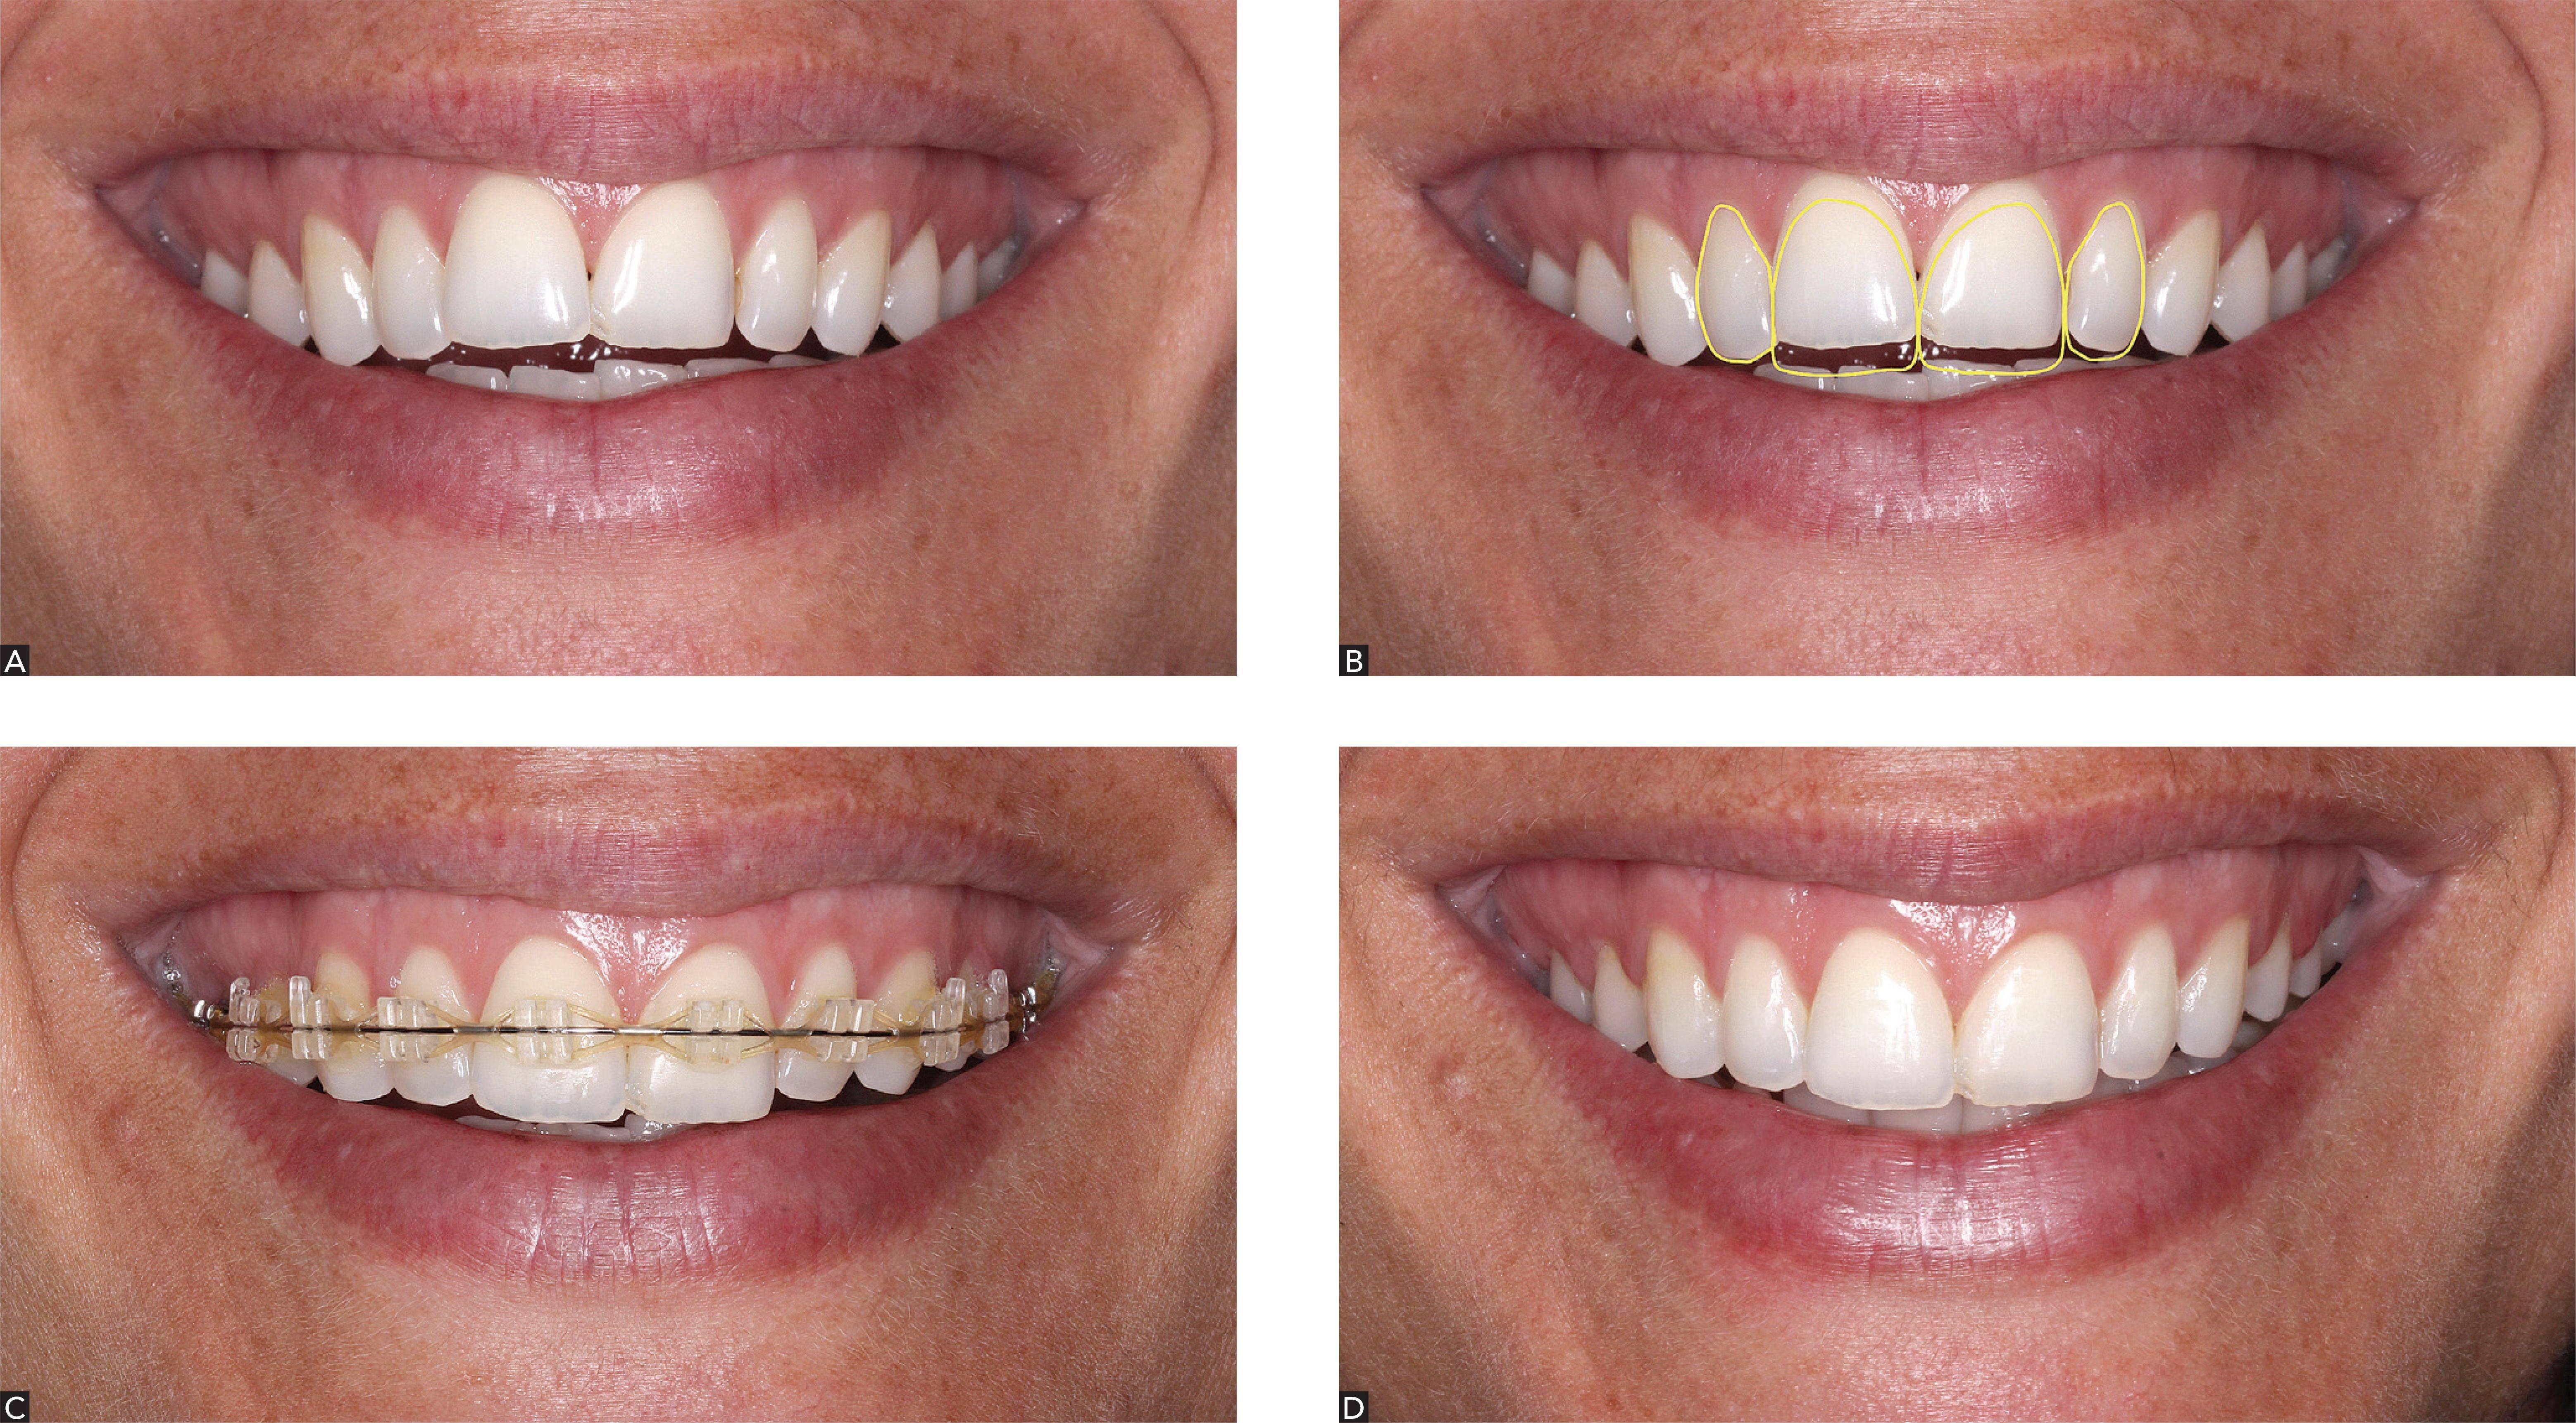 Как вытянуть ретинированный зуб (коренной, клык или резец) брекетами, если он вырос в десну: способы и фото коррекции